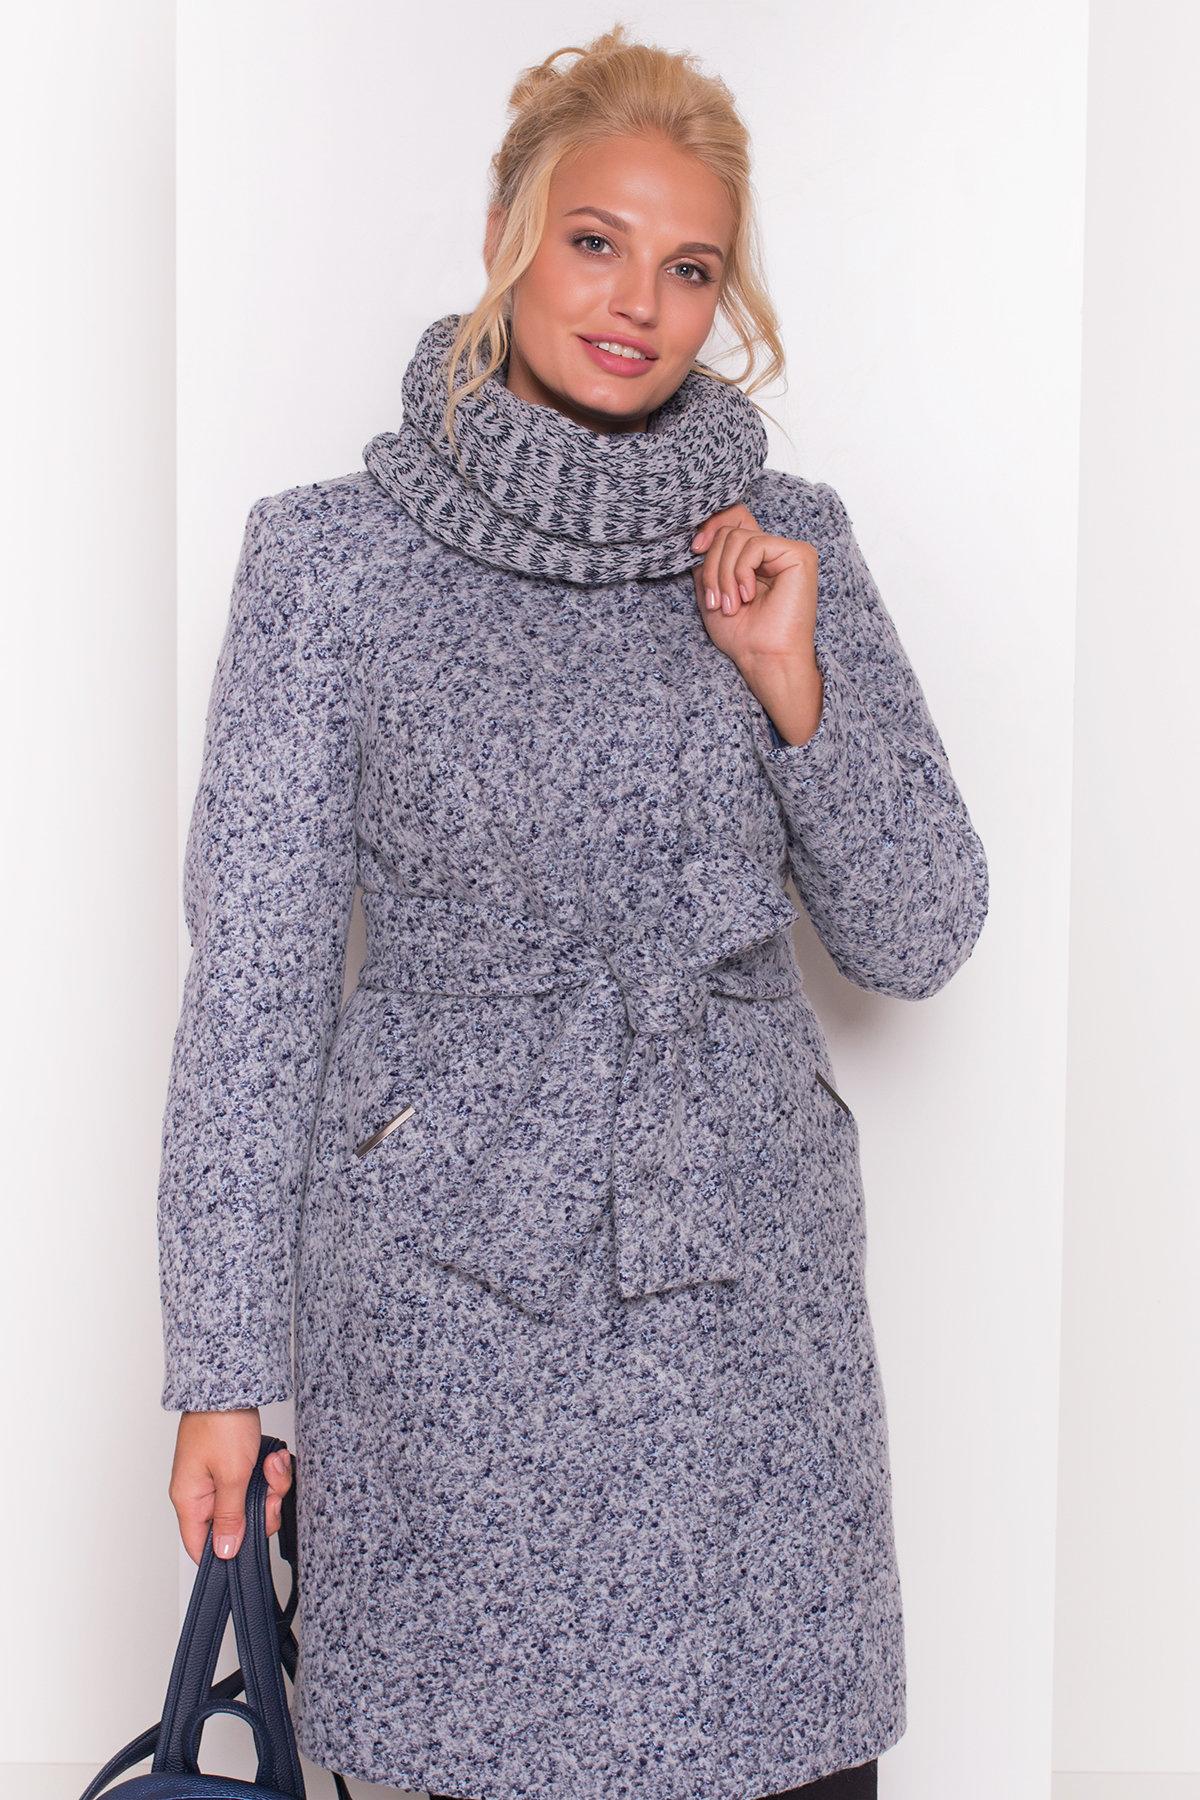 Пальто зима Луара Donna 3685 АРТ. 19181 Цвет: Серый/голубой - фото 4, интернет магазин tm-modus.ru